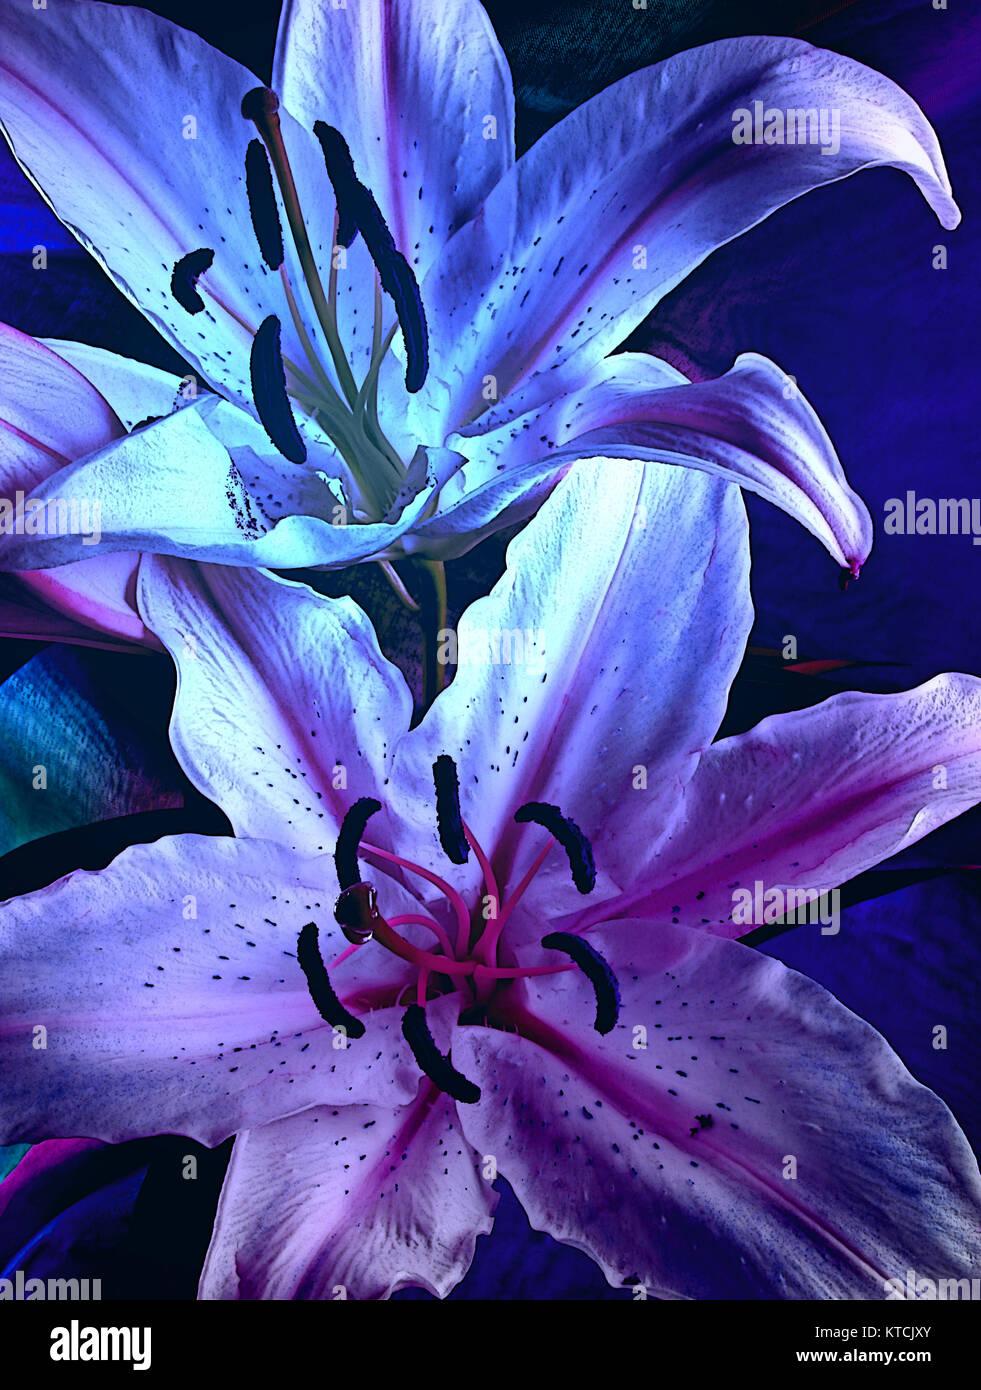 Schwüle Moody Blue Lilien   Zwei Blau Lila Grafische Lilien Mit Dunklen  Beleuchtung, Ideal Für Eine Wand Leinwand